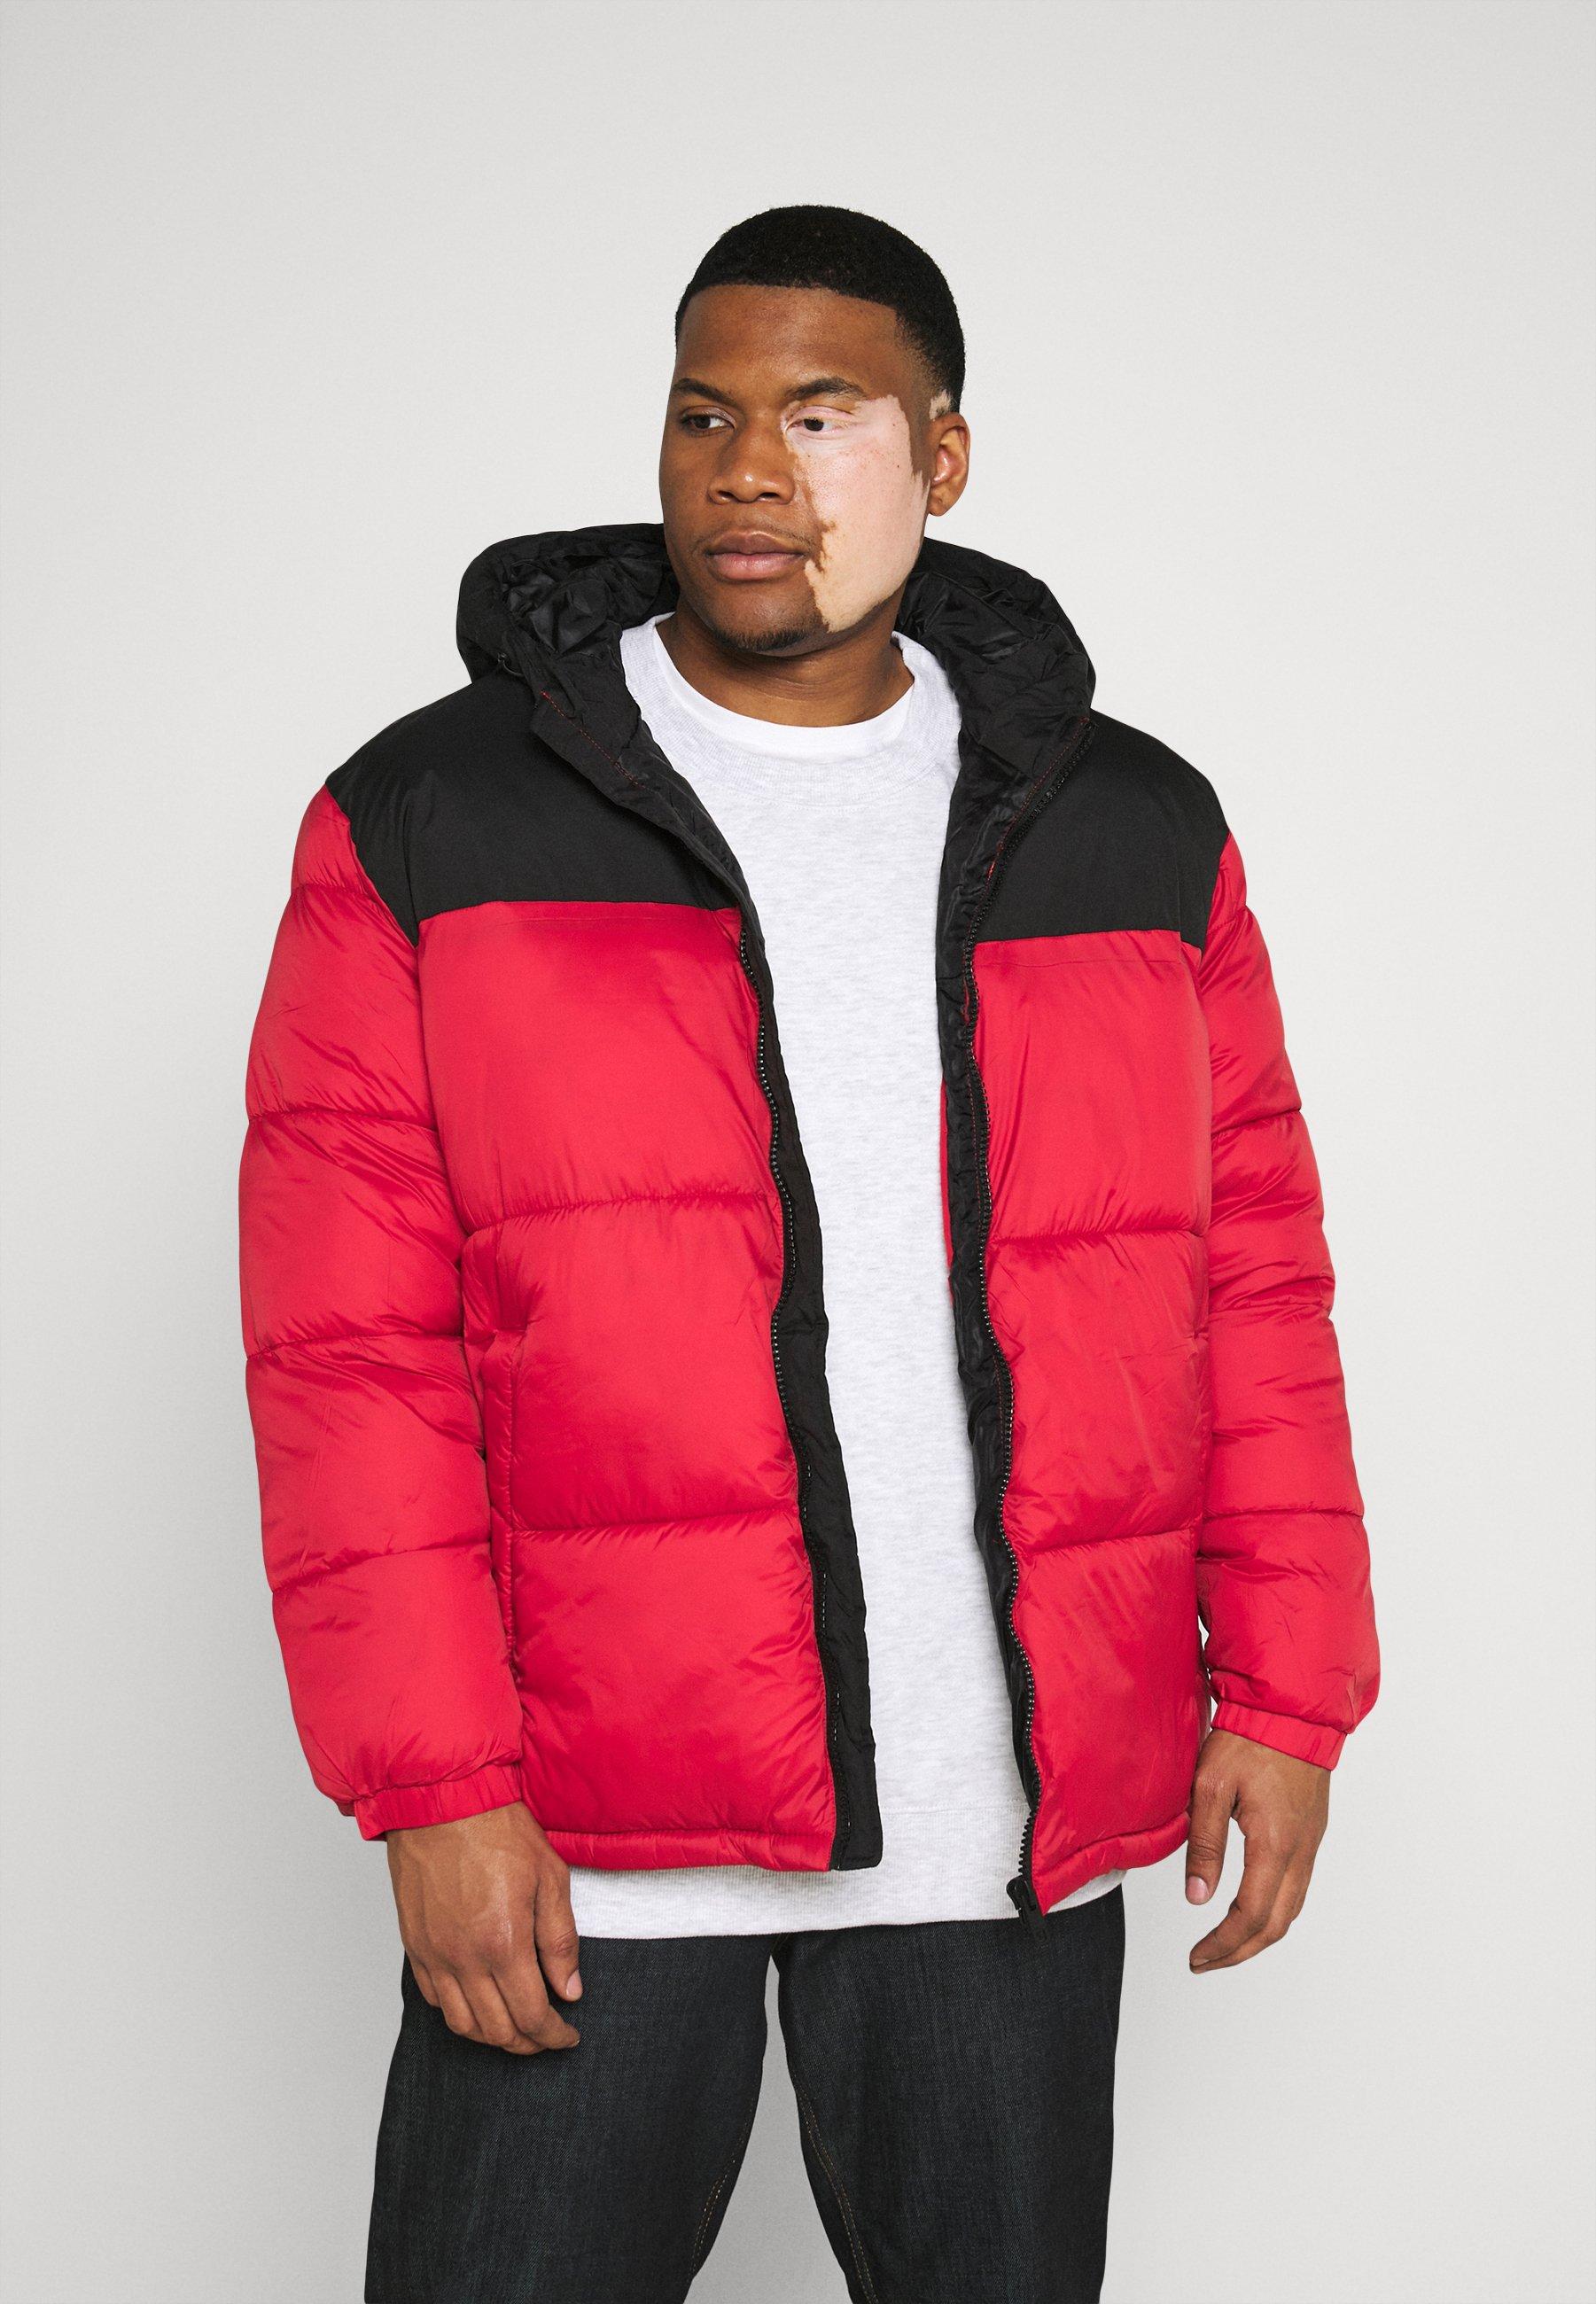 Jakker | Herre Størrelse 5XL | Nye jakker til herre på nett